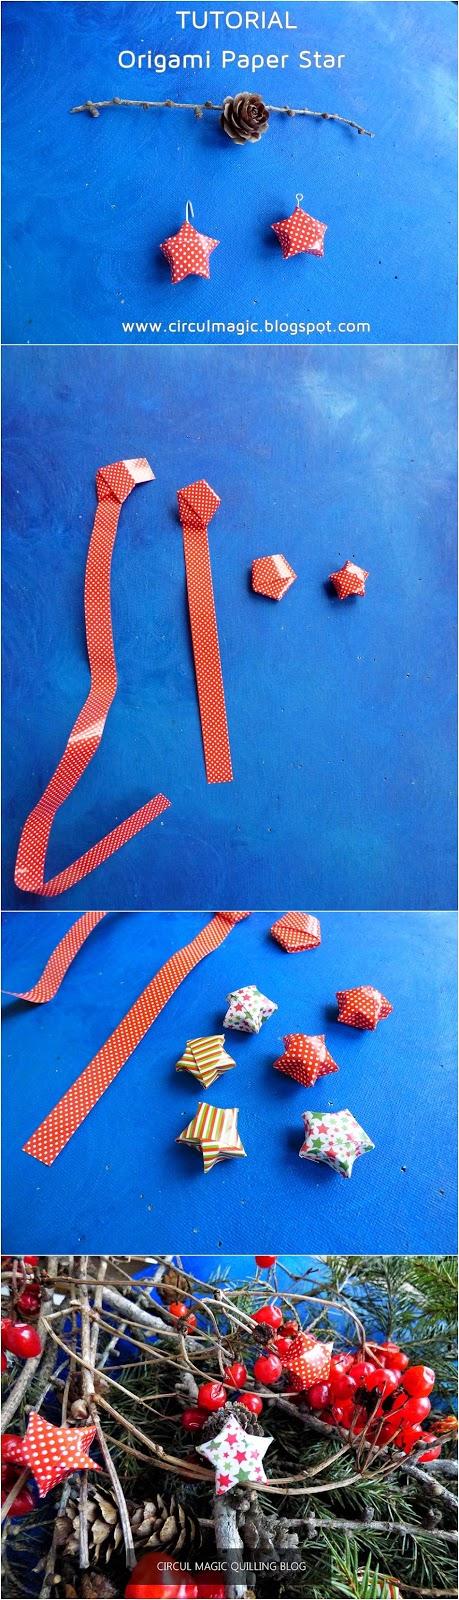 Tutorial Craciun Origami: Stelute de Hartie